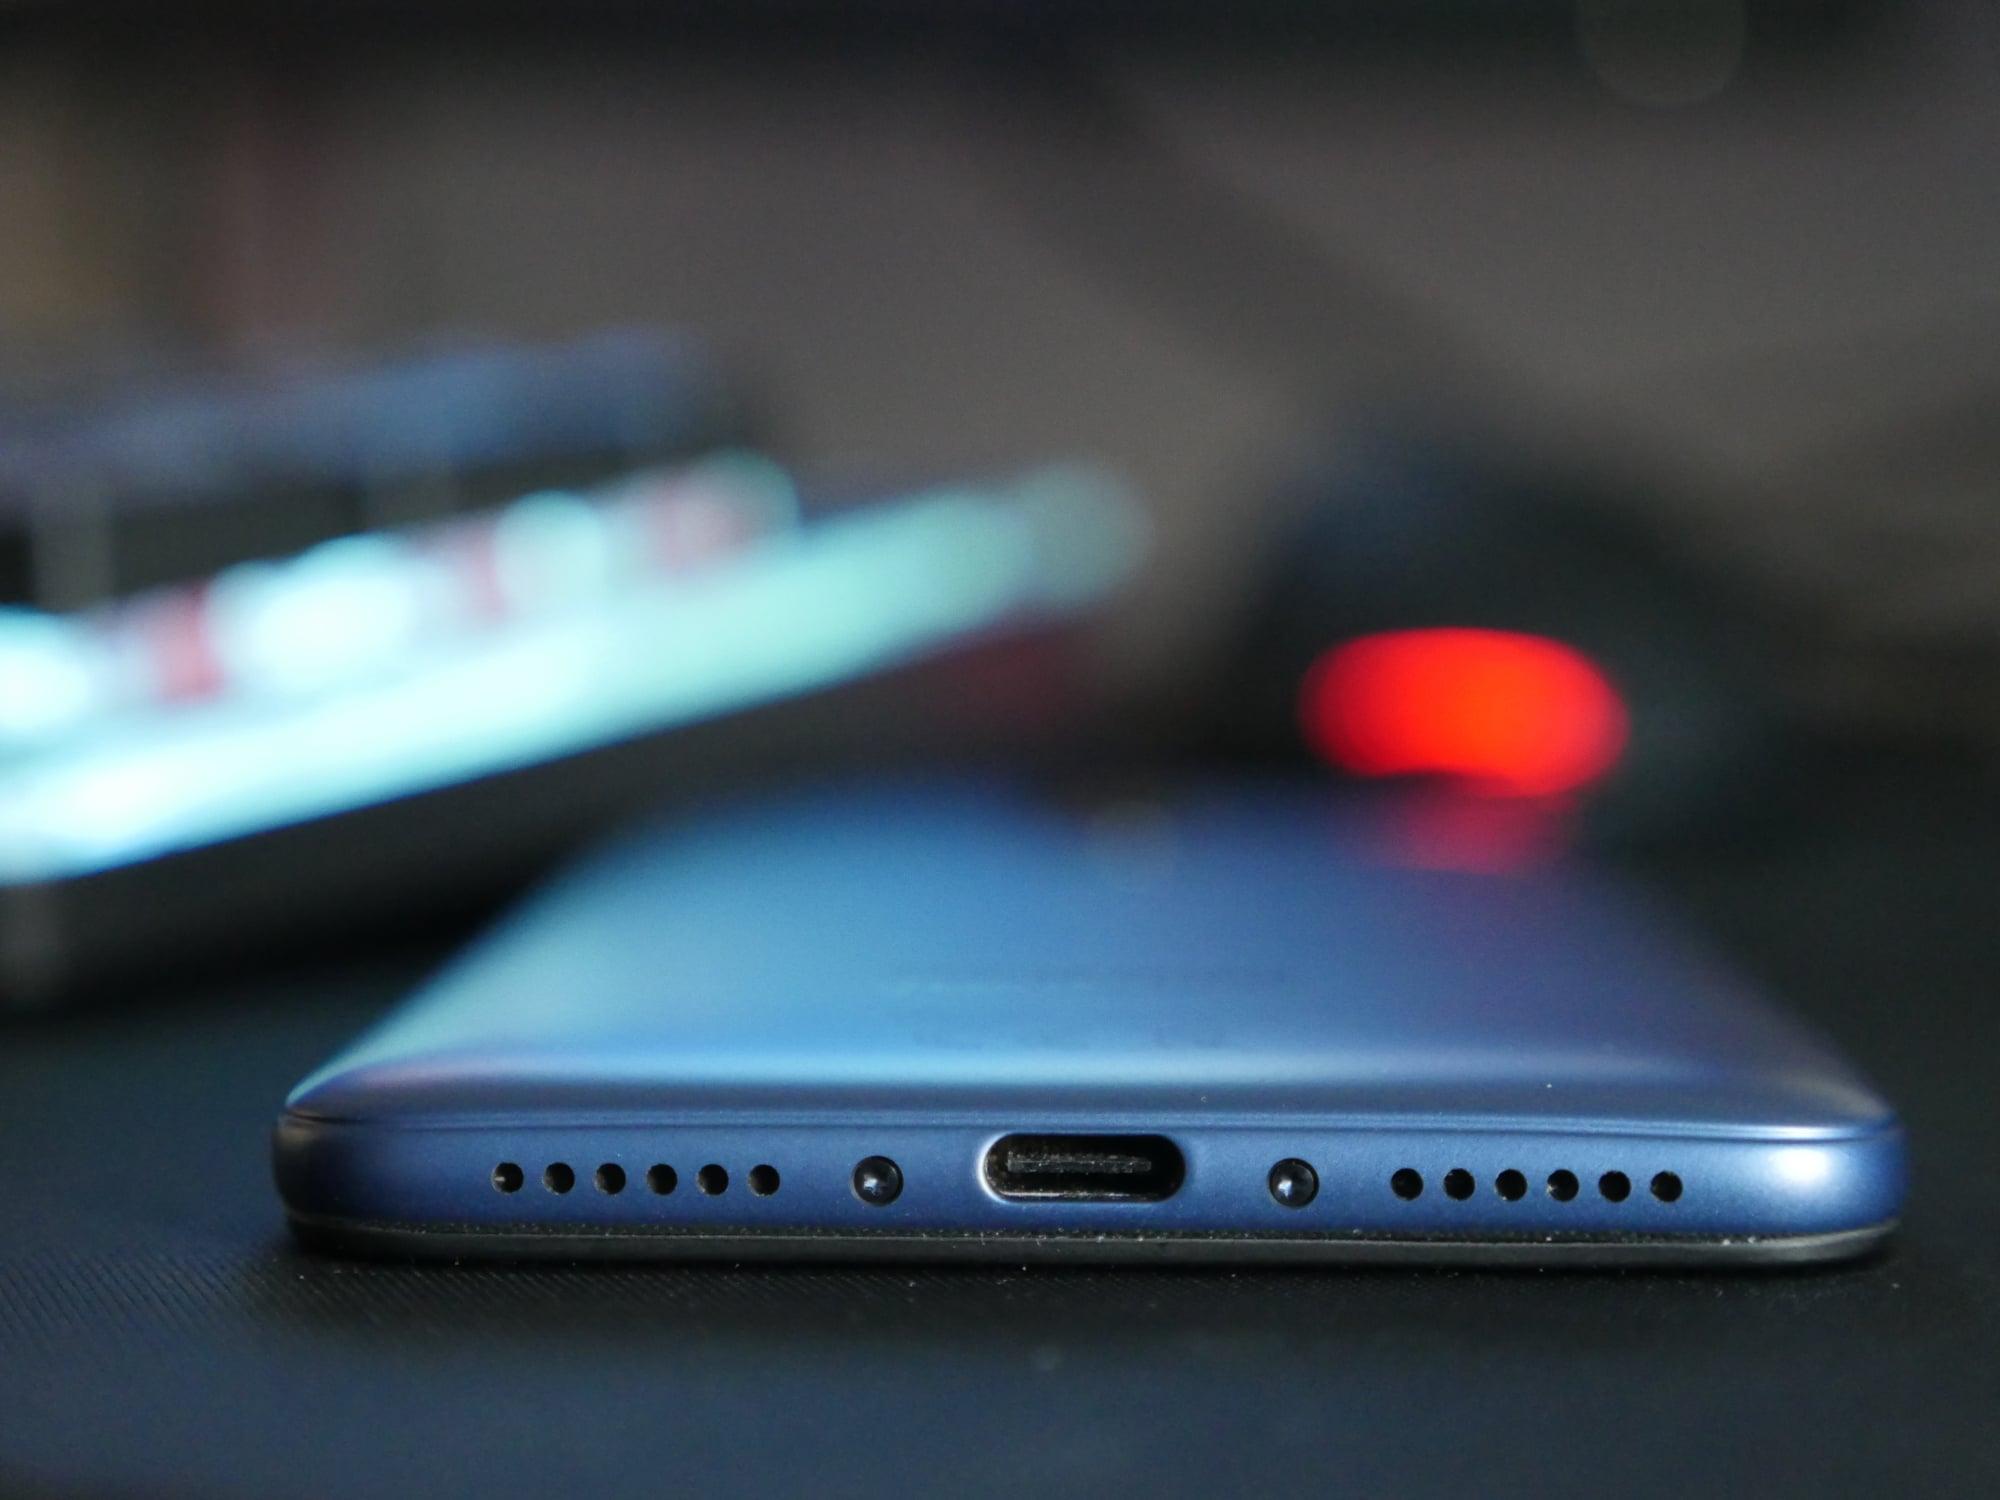 Powraca temat Pocophone F2. Smartfon może mieć premierę zimą tego roku